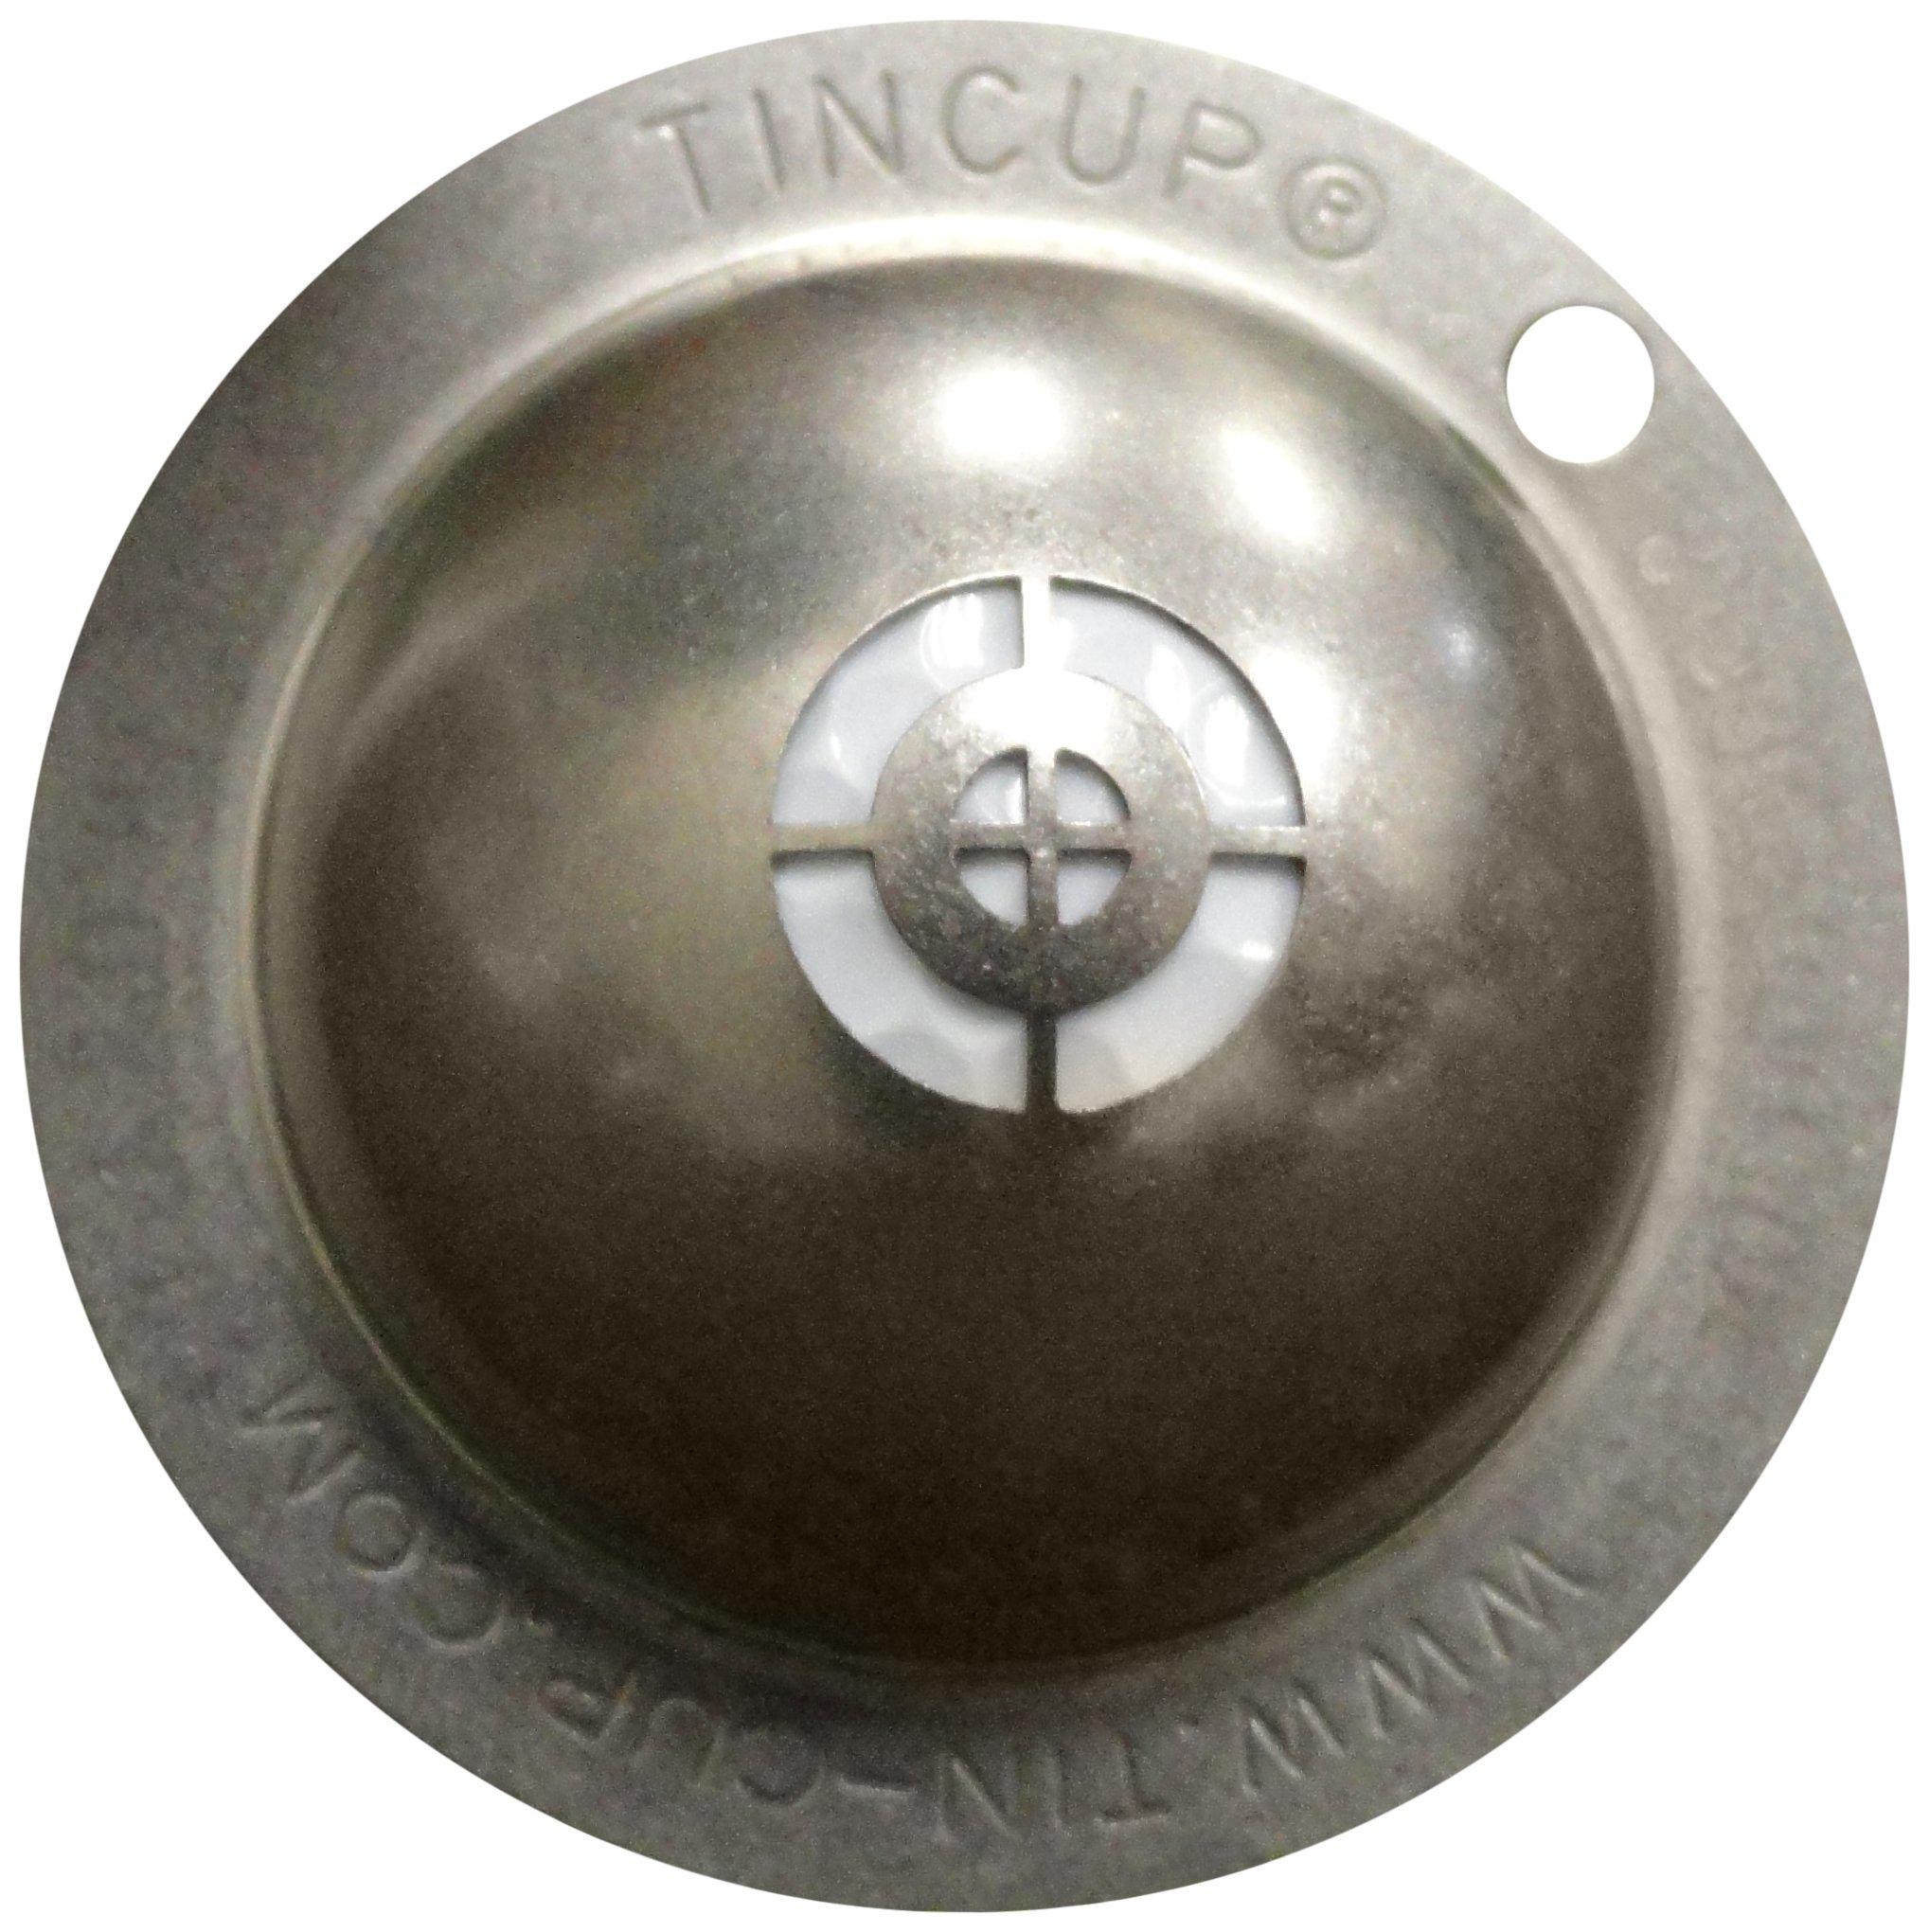 Tin Cup Take Aim Golf Ball Marking Stencil, Steel